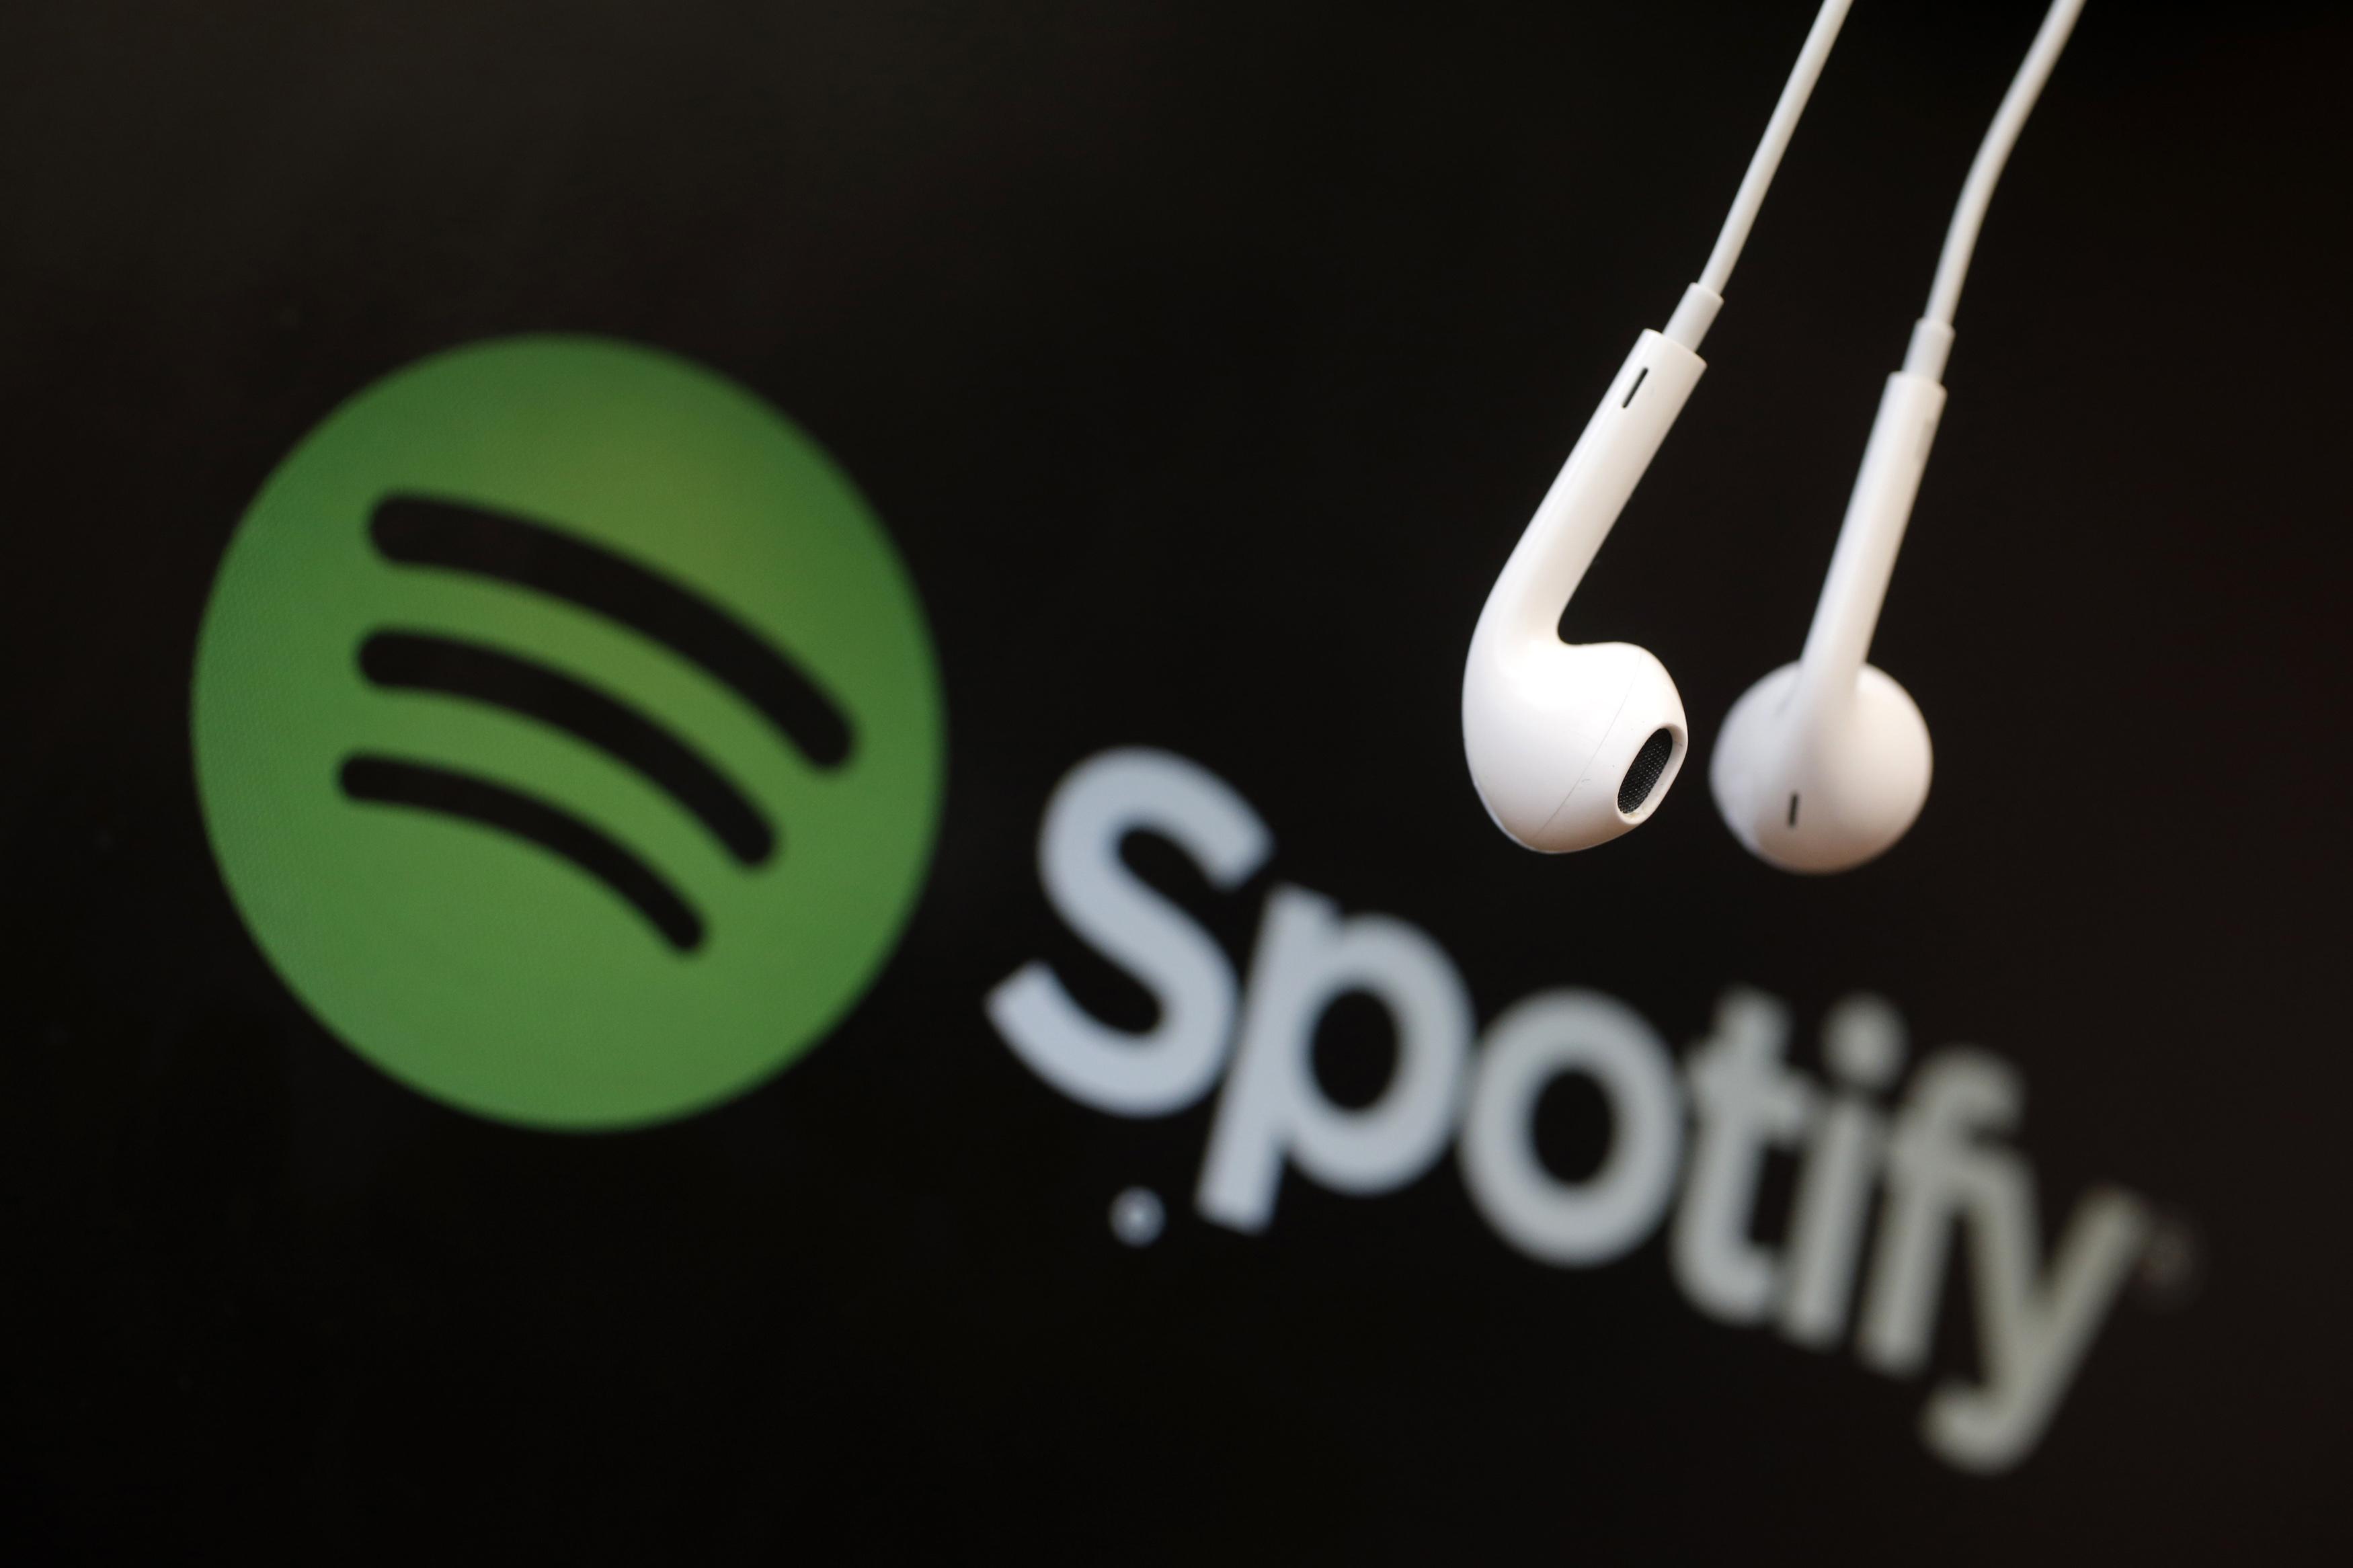 musica, blockchain, spotify, mediachain, aplicaciones, regalias, streaming, consumo de musica, artistas, musicos